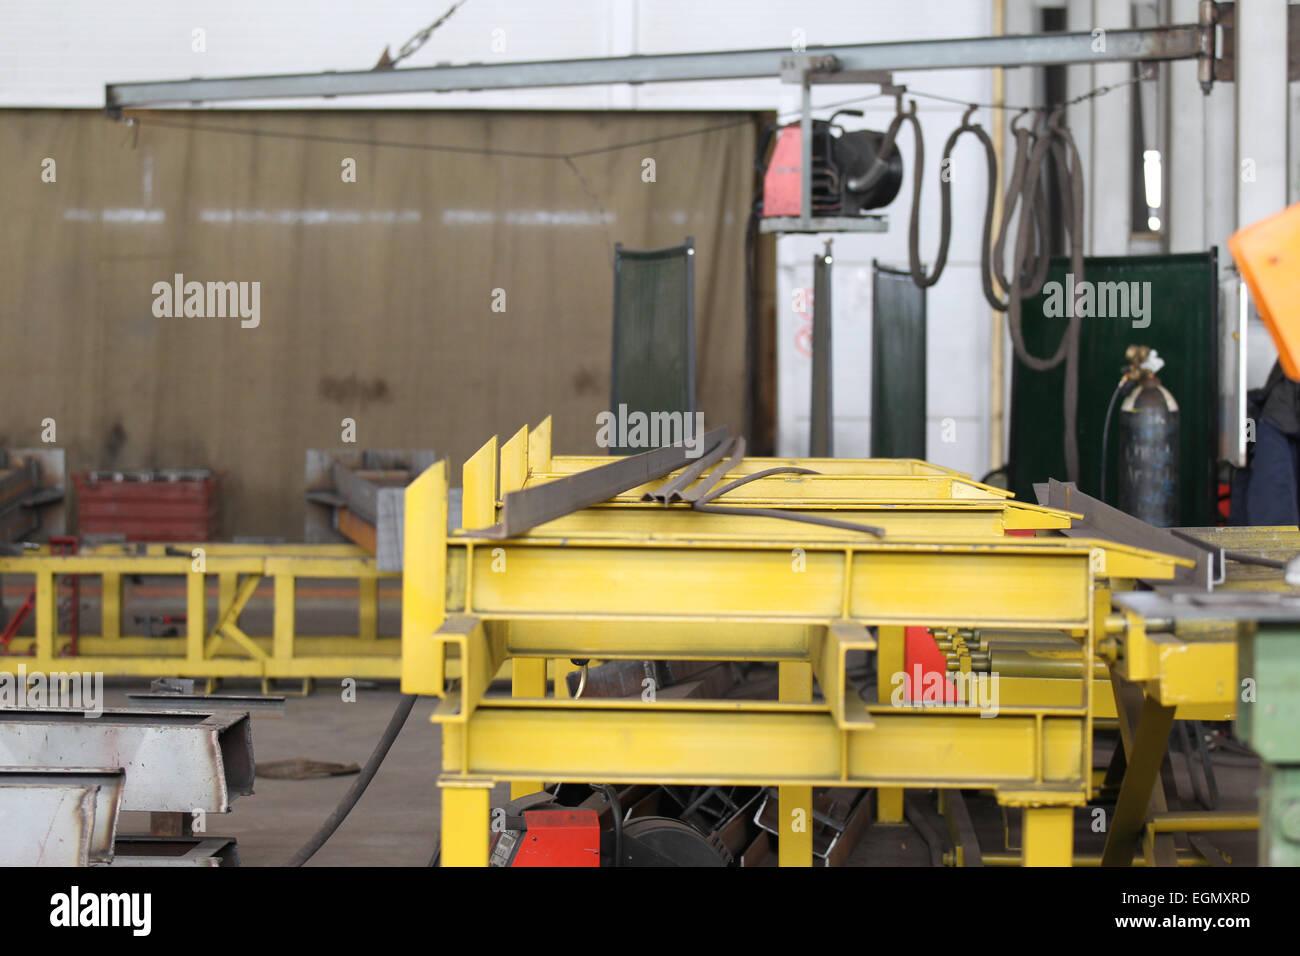 Lugar de montaje y fabricación de estructuras metálicas Imagen De Stock